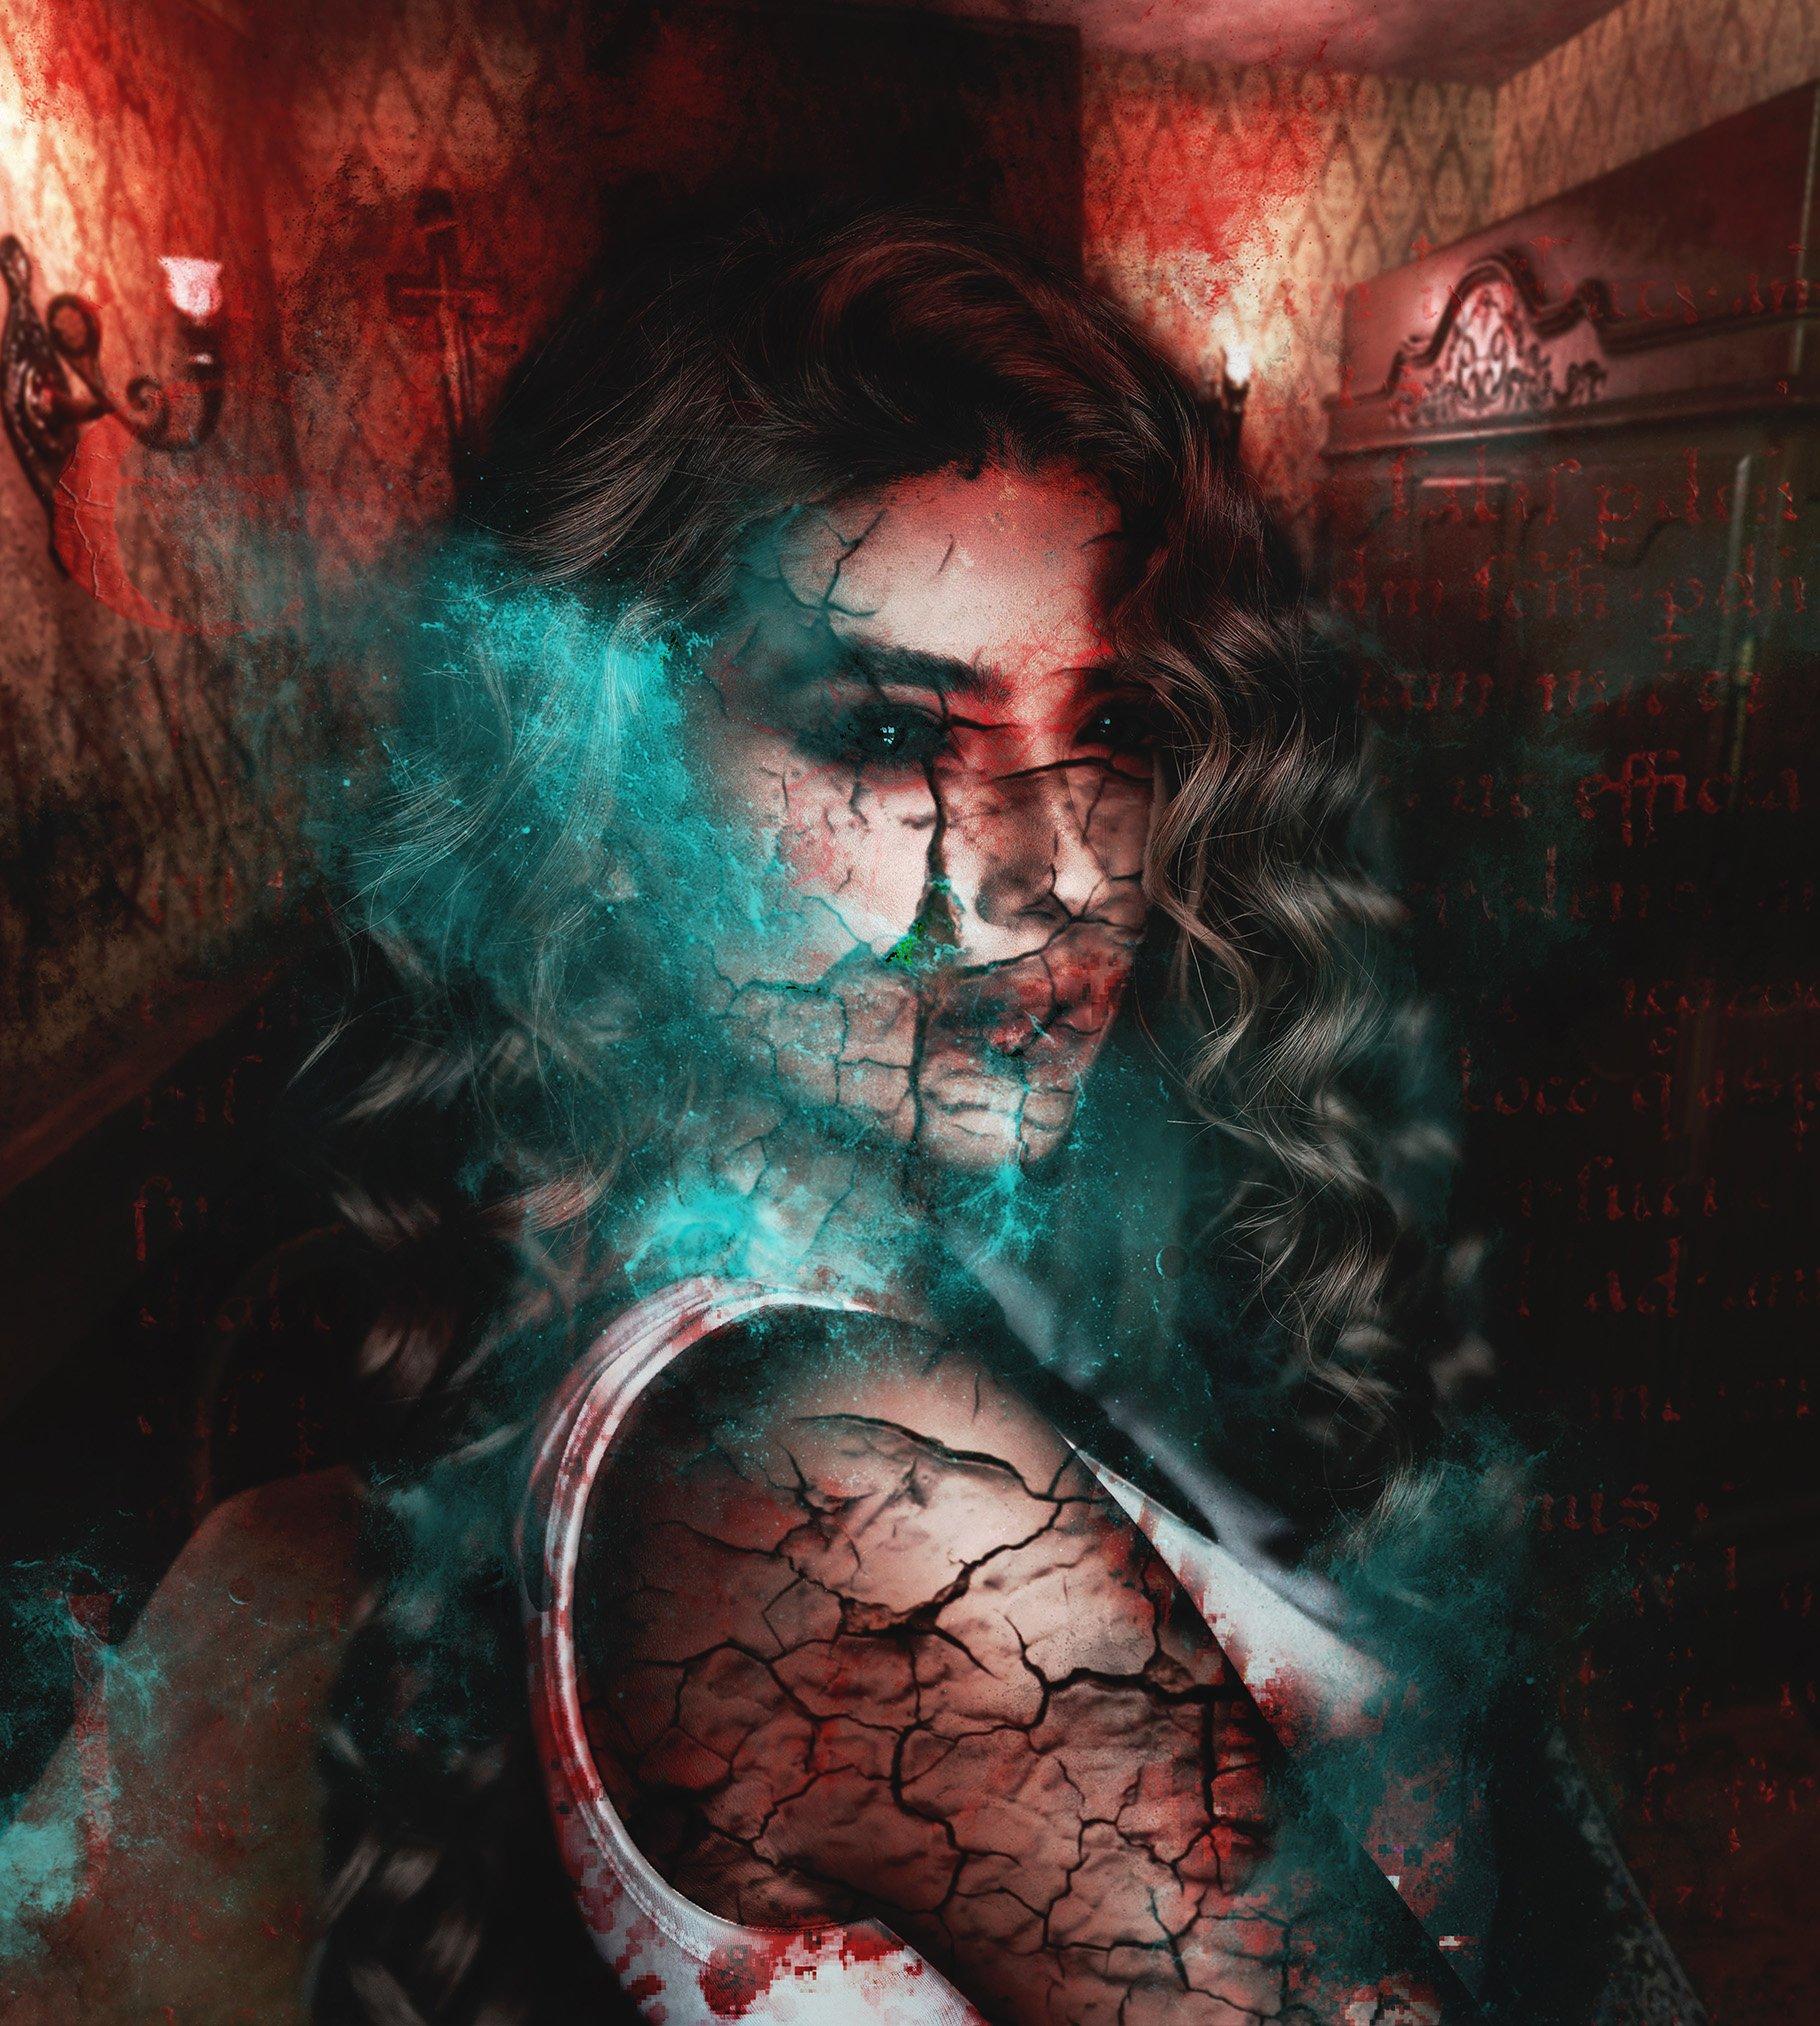 Exorcism Photoshop Action 1 - دانلود اکشن فتوشاپ جنگیری Exorcism